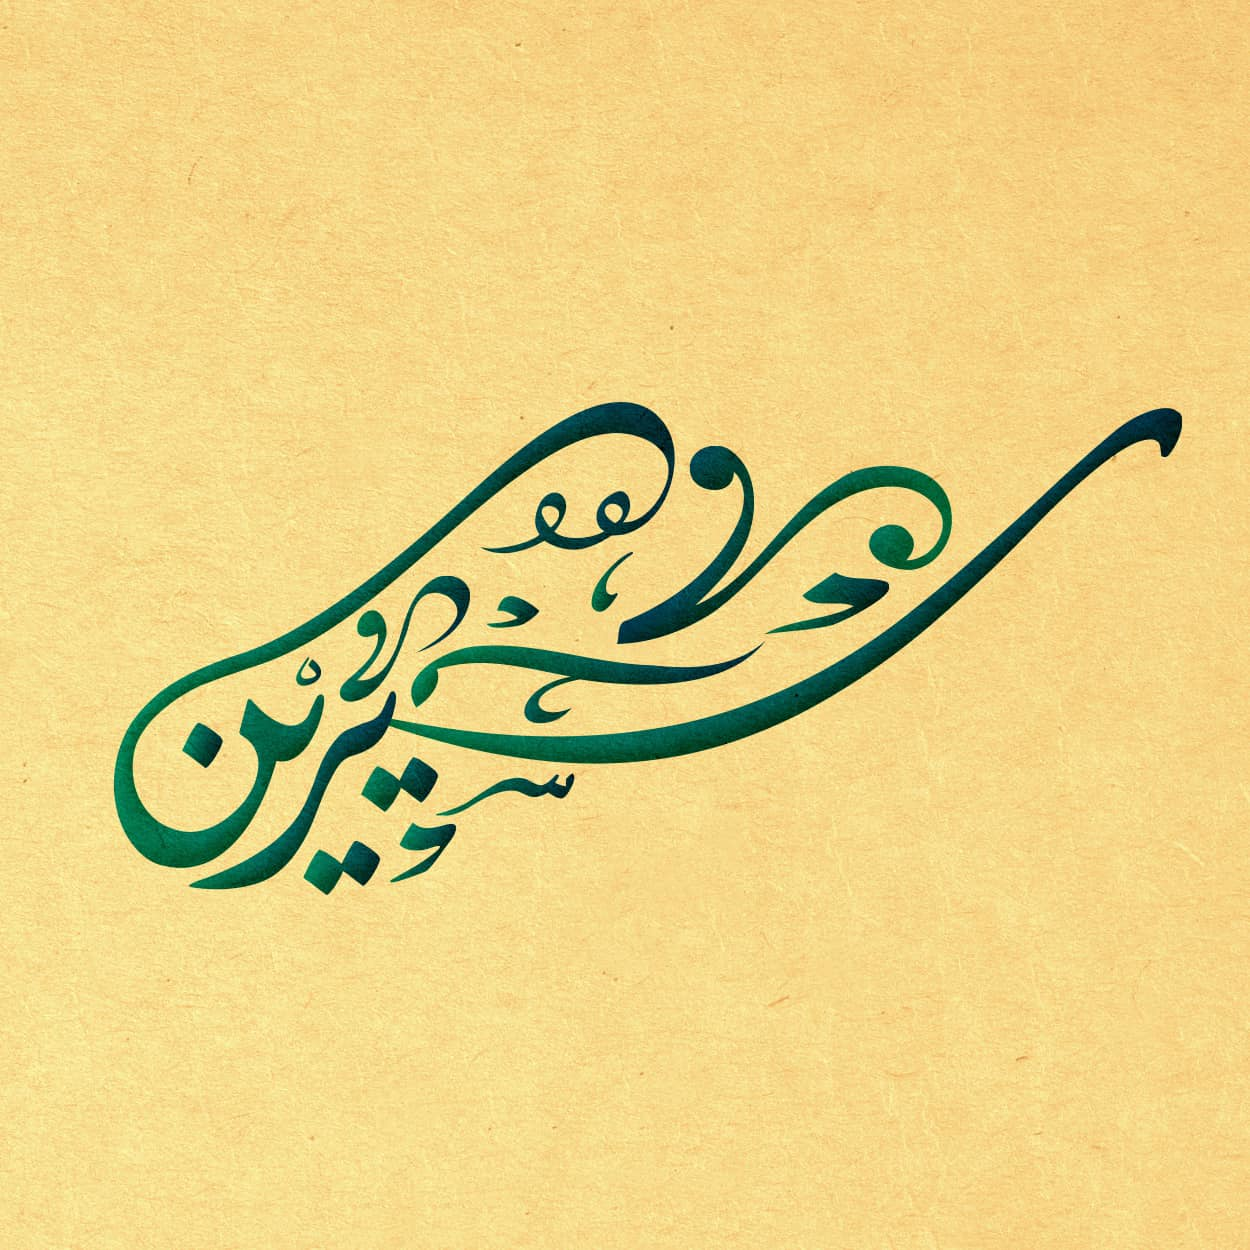 صورة زخرفة اسماء, اروع واجمل زخرفه للاسماء